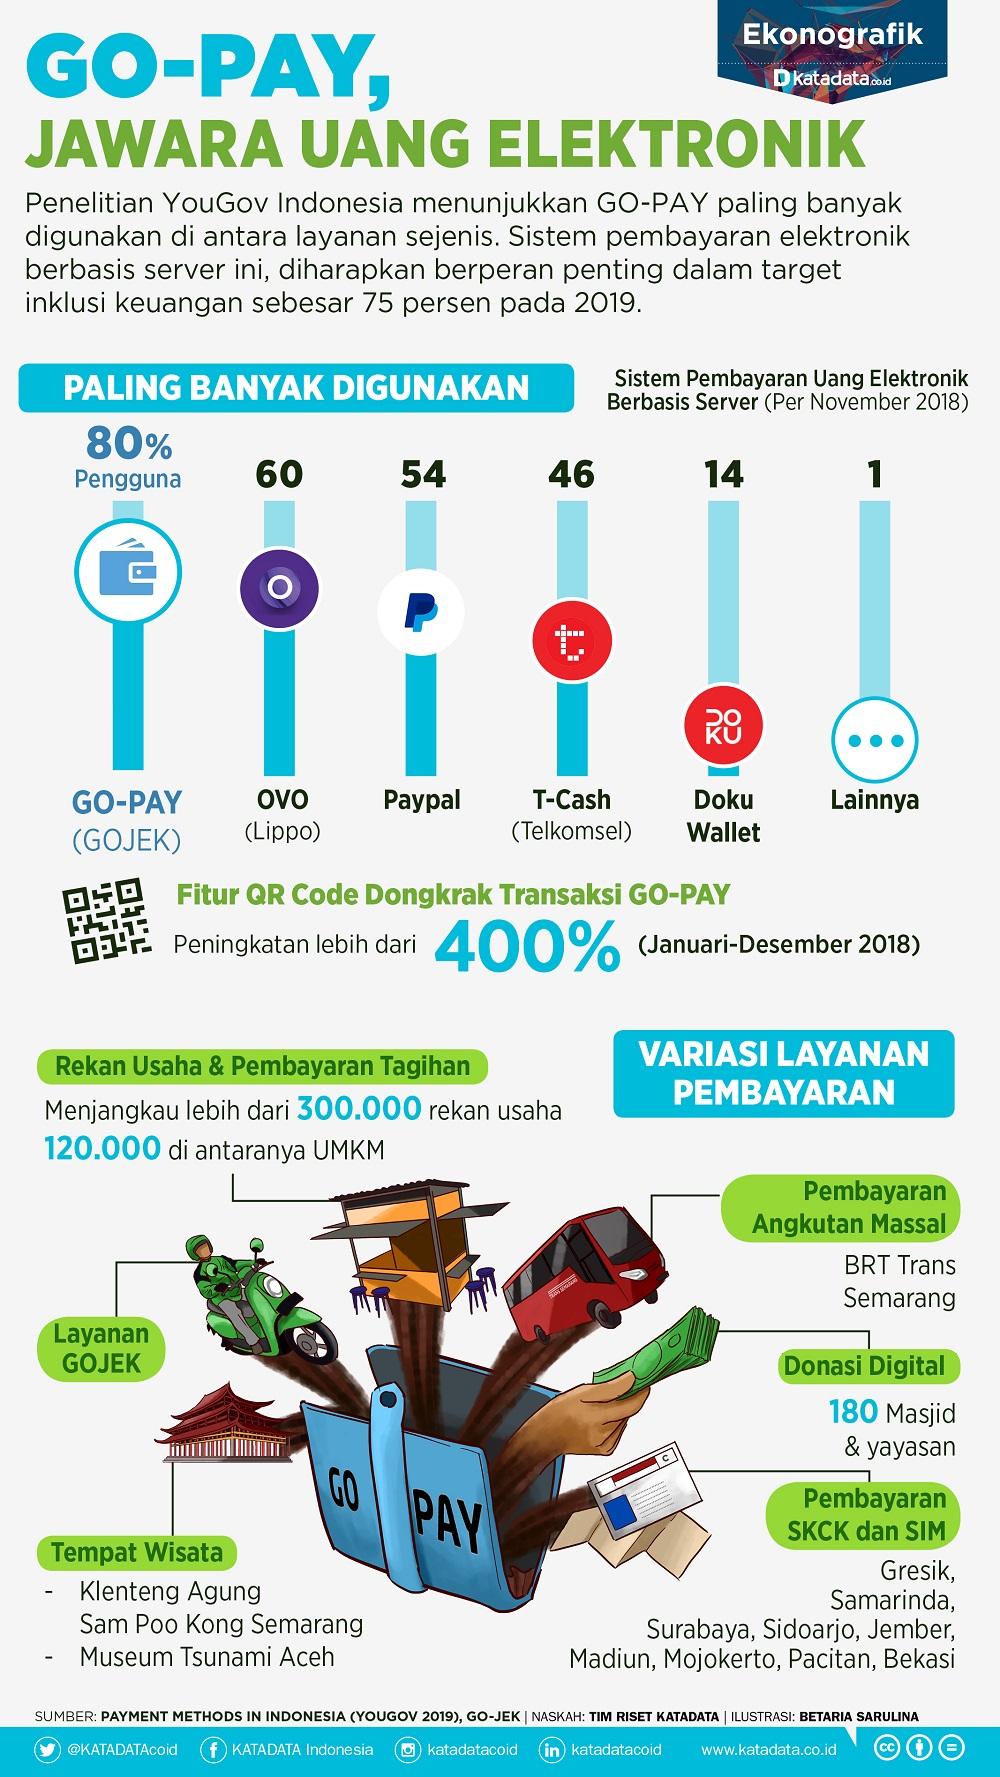 Go-Pay Jawara Uang Elektronik